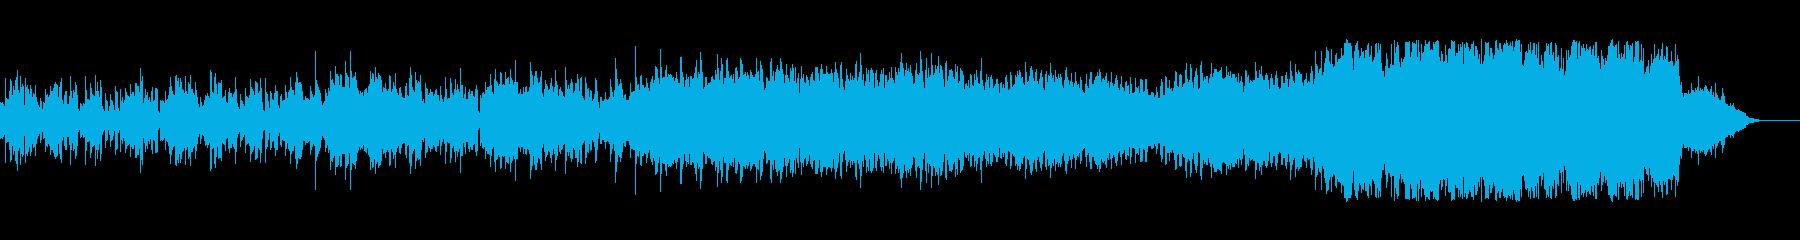 ゆったりしたオーケストラ風の再生済みの波形